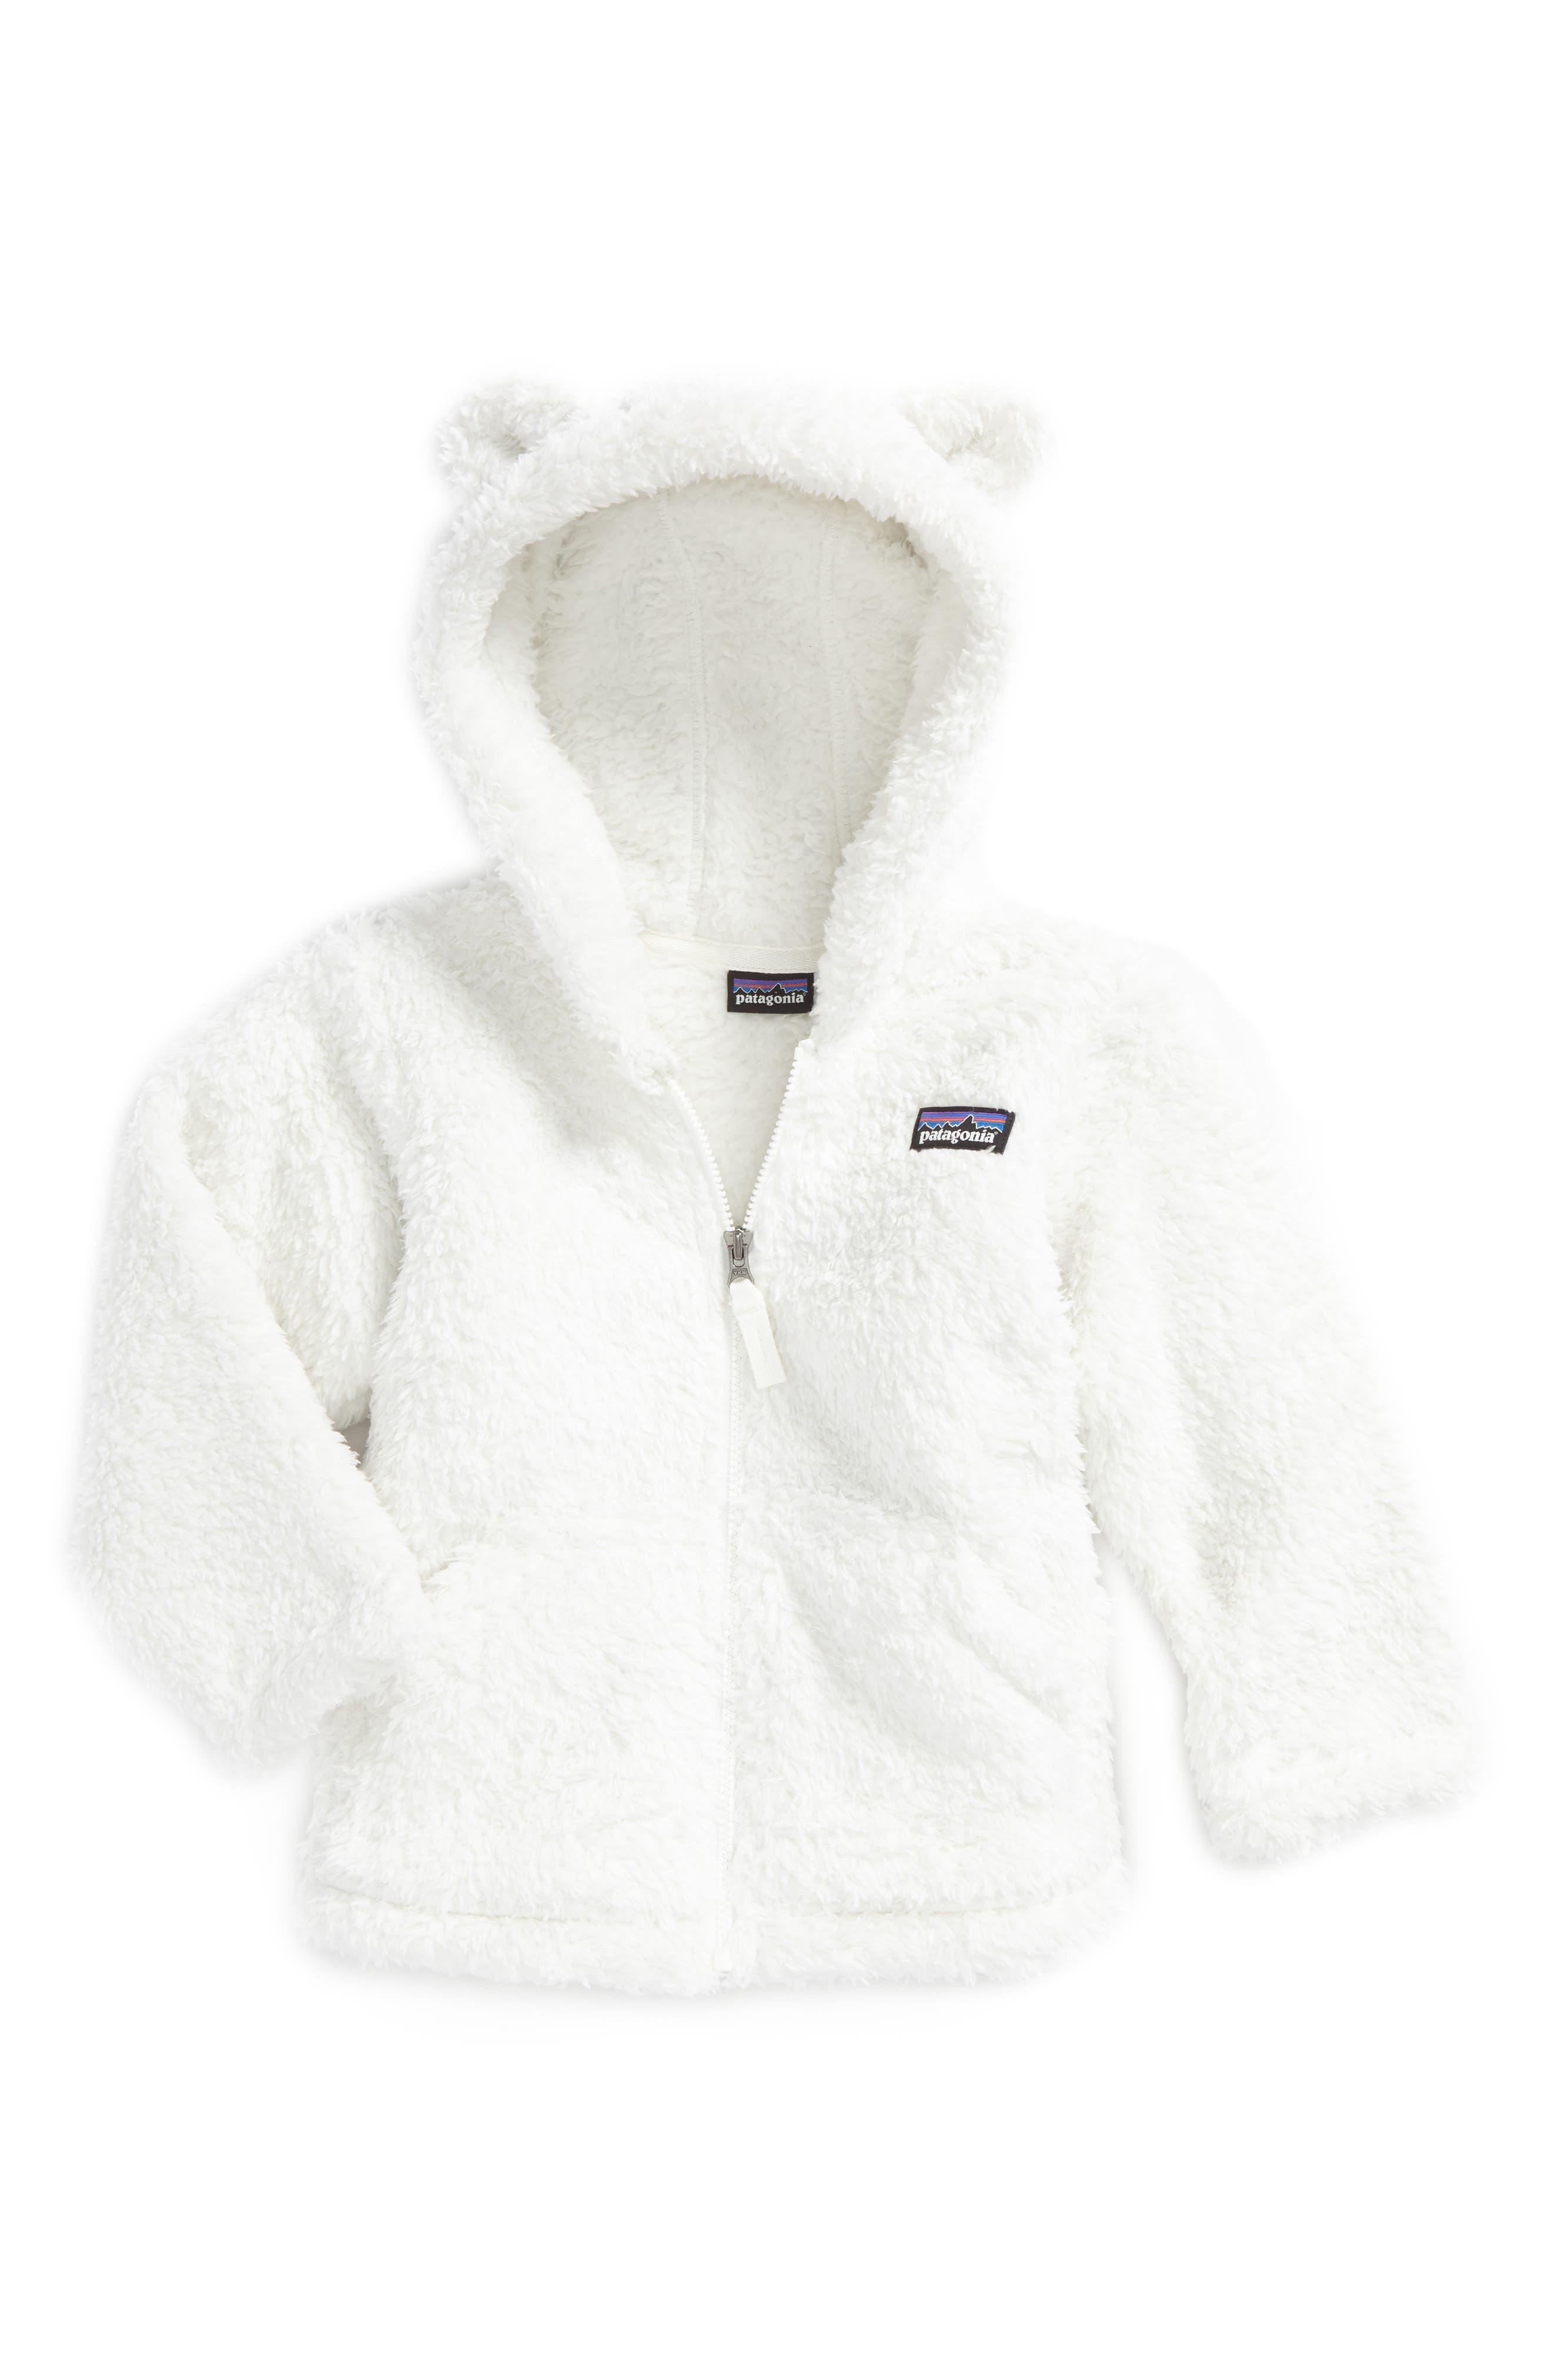 DDKK Kids Winter Coats,Toddler Baby Girls Winter Cartoon Faux Fur Cape Windbreaker Warm Cloak,Most Wished Gift